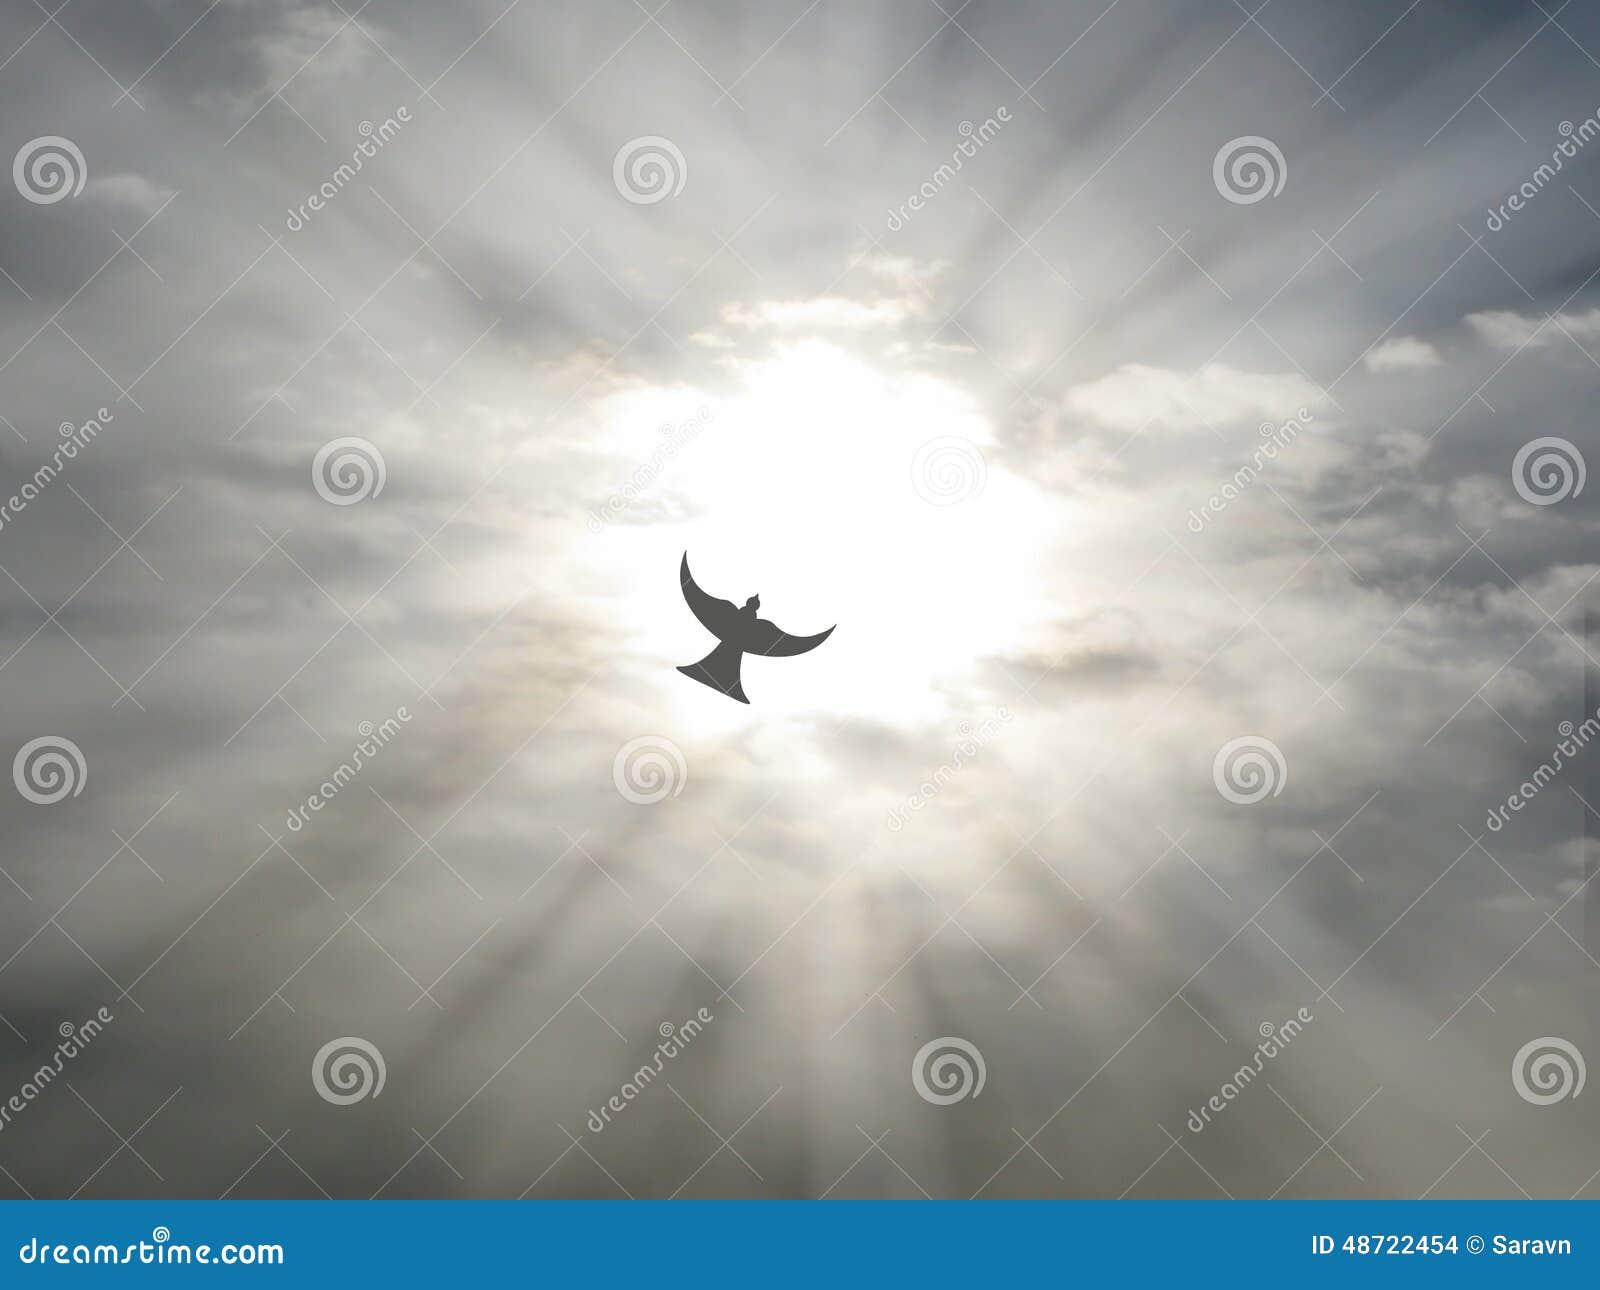 Heiliger Geist Ostern Friedenstaubenfliegen durch Offenen Himmel bewölkt sich mit Sonnenstrahlen